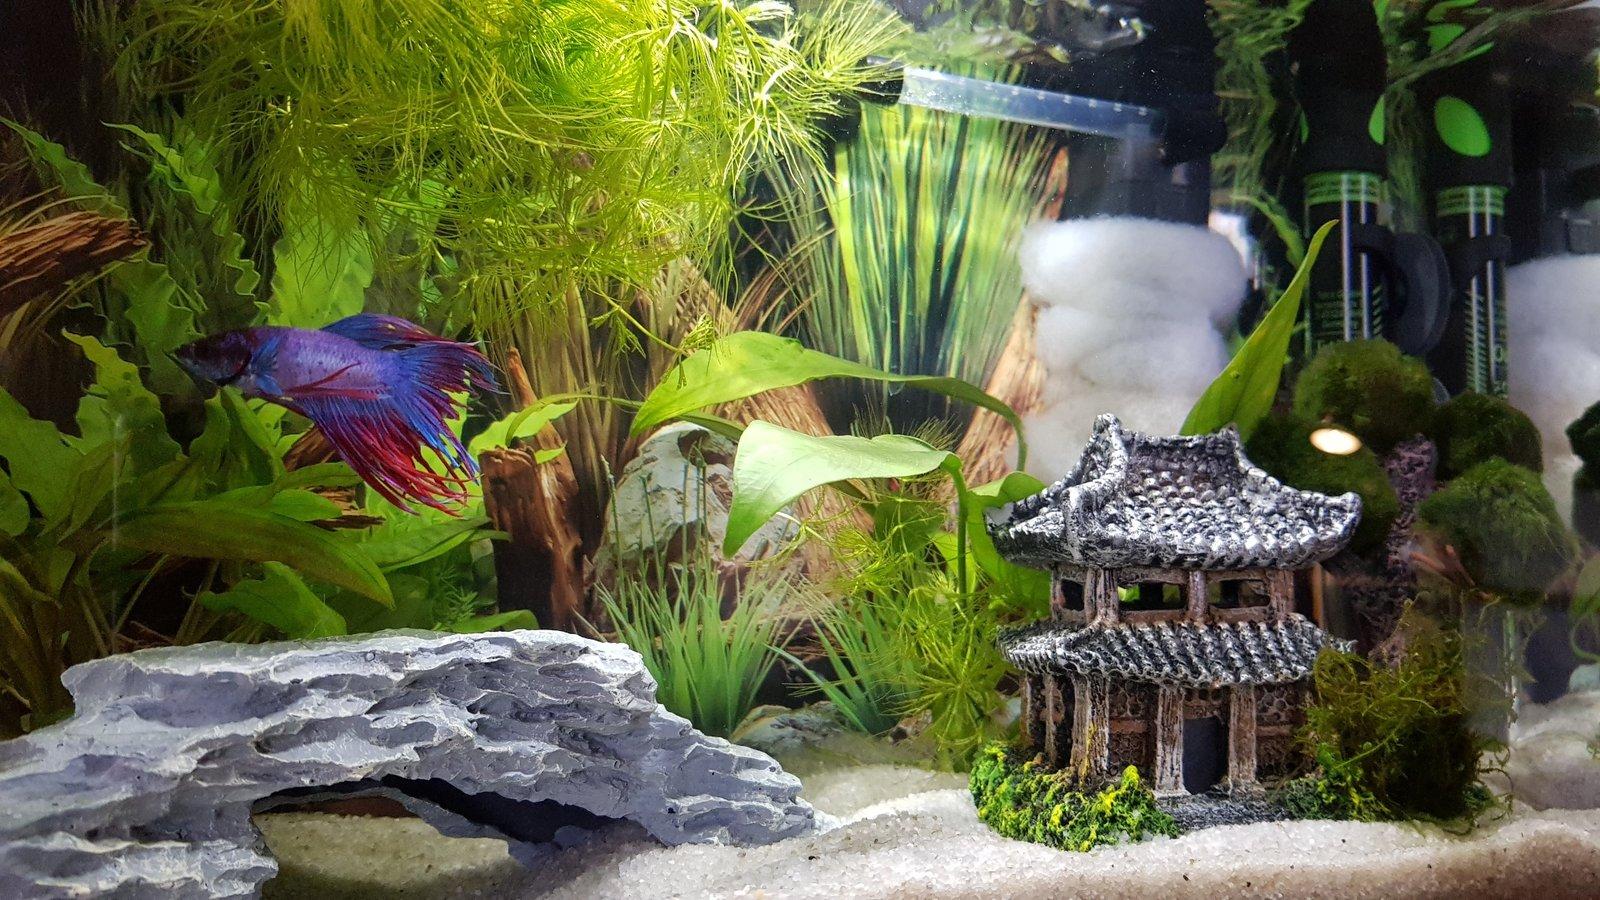 Présentation Mamillum et son petit aquarium 20021503362452298